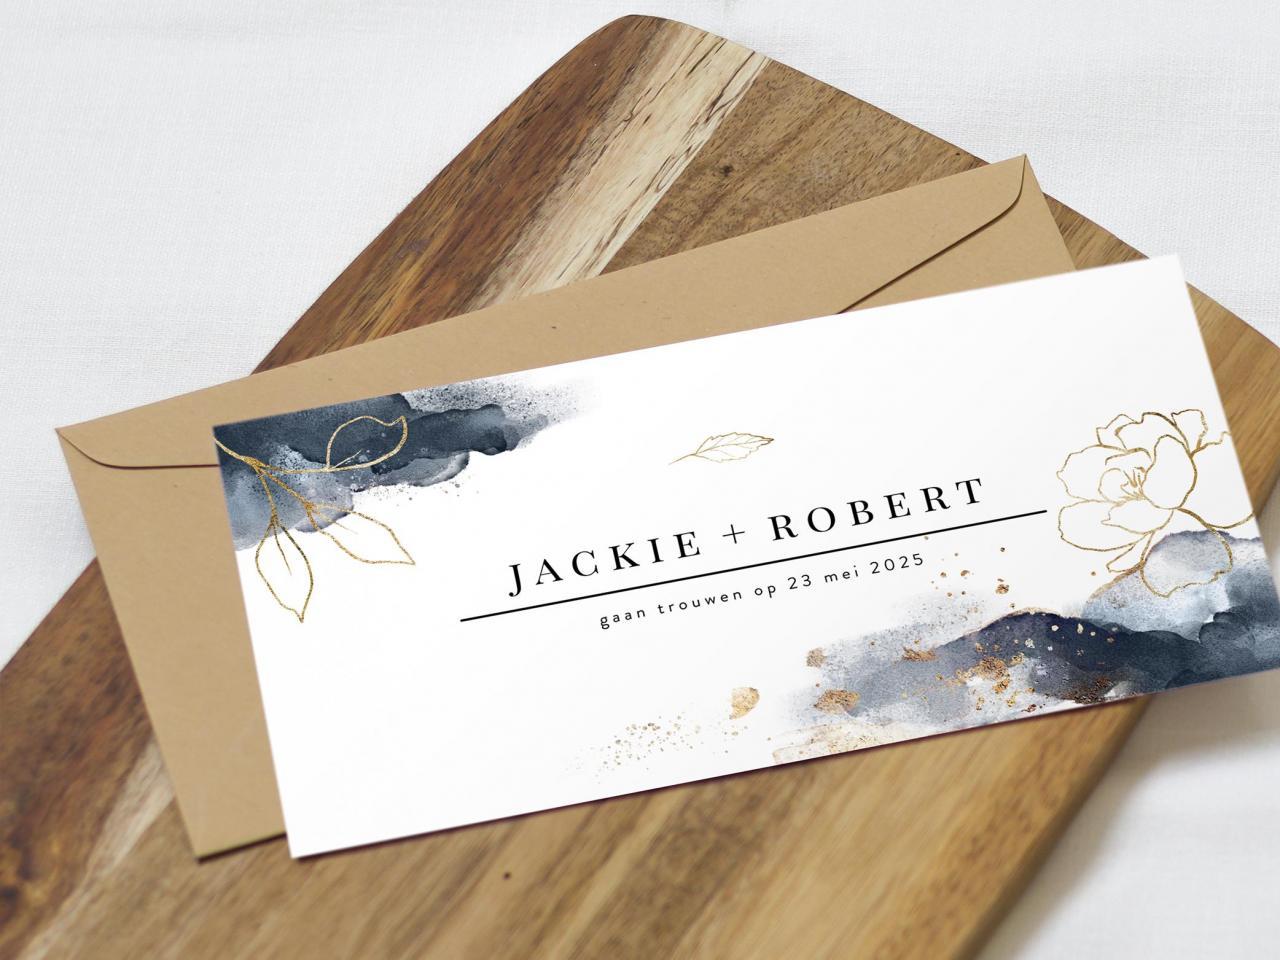 Trouwkaart met gouden bloemen en waterverf trouwkaart Stijlvol Aquarel en Watercolor Romantisch Botanisch